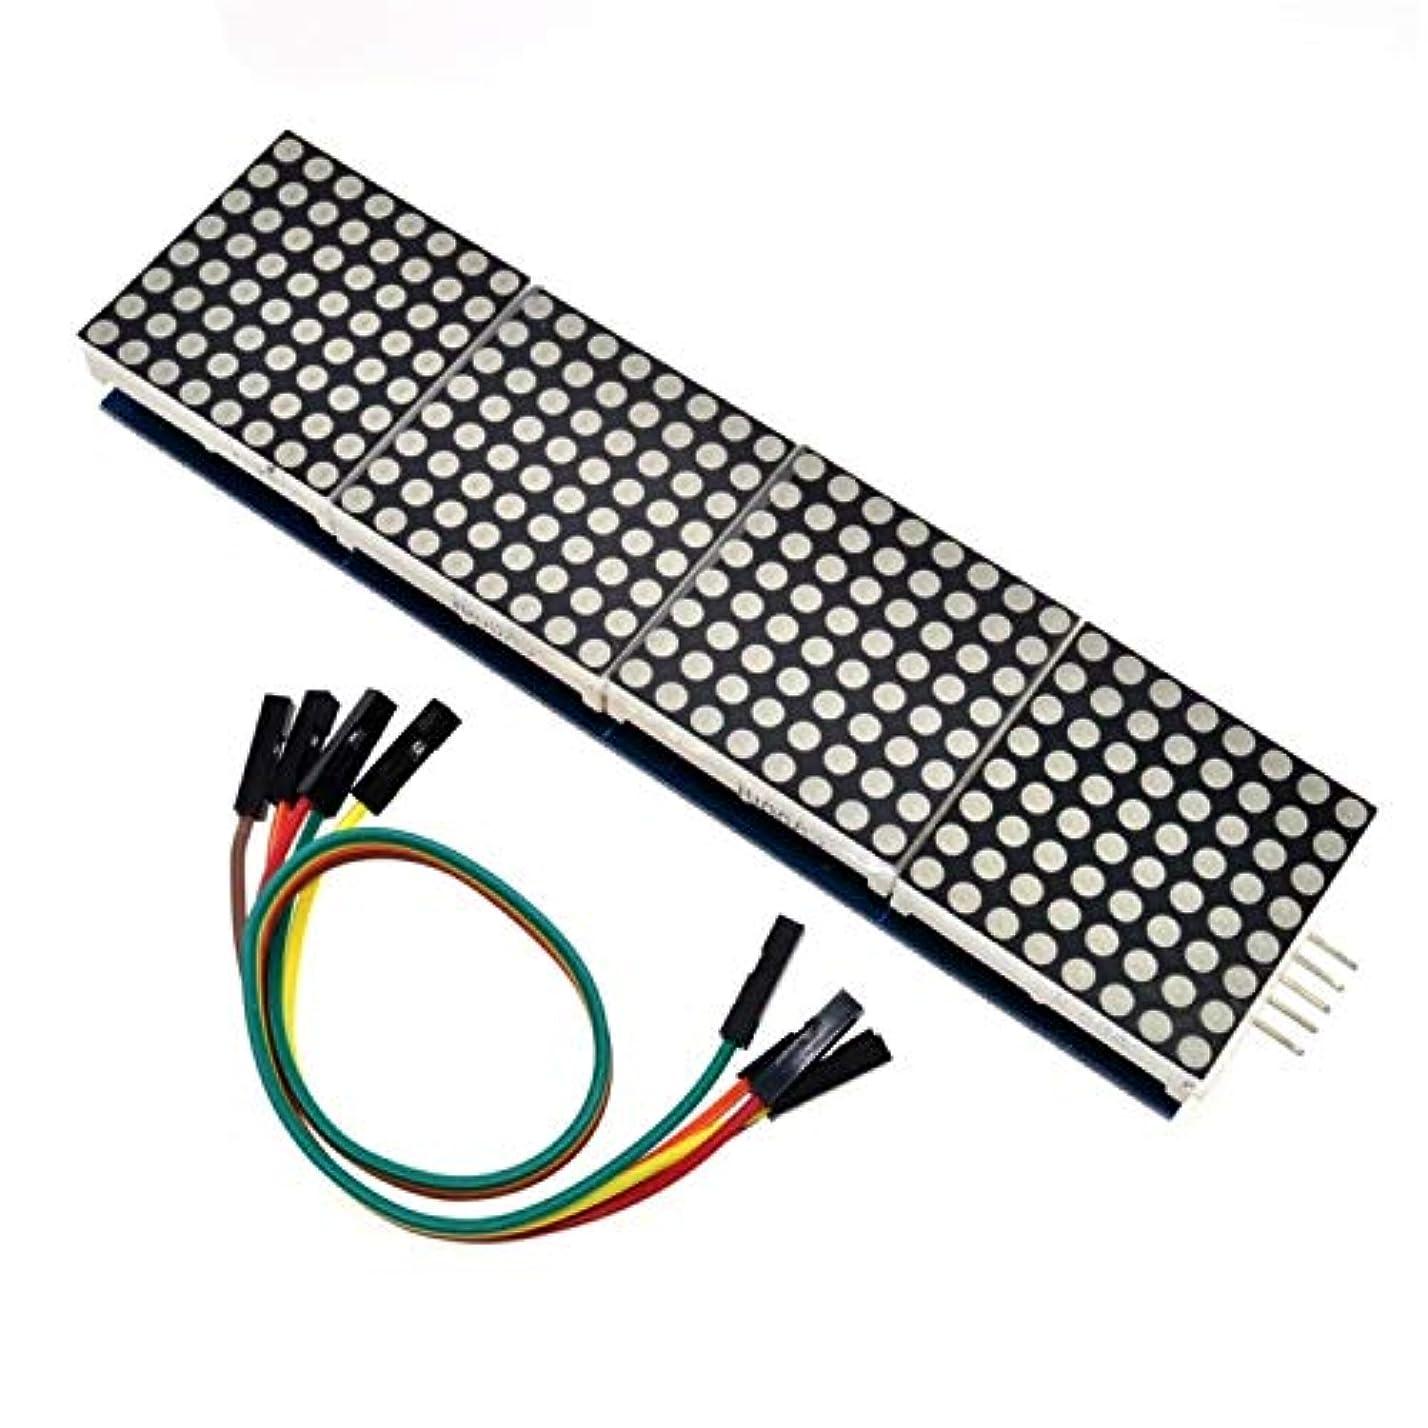 る無意味置き場DIY 用マイクロコントローラ4-in-1ディスプレイドットマトリックスモジュールWE-WG0221 MAX7219